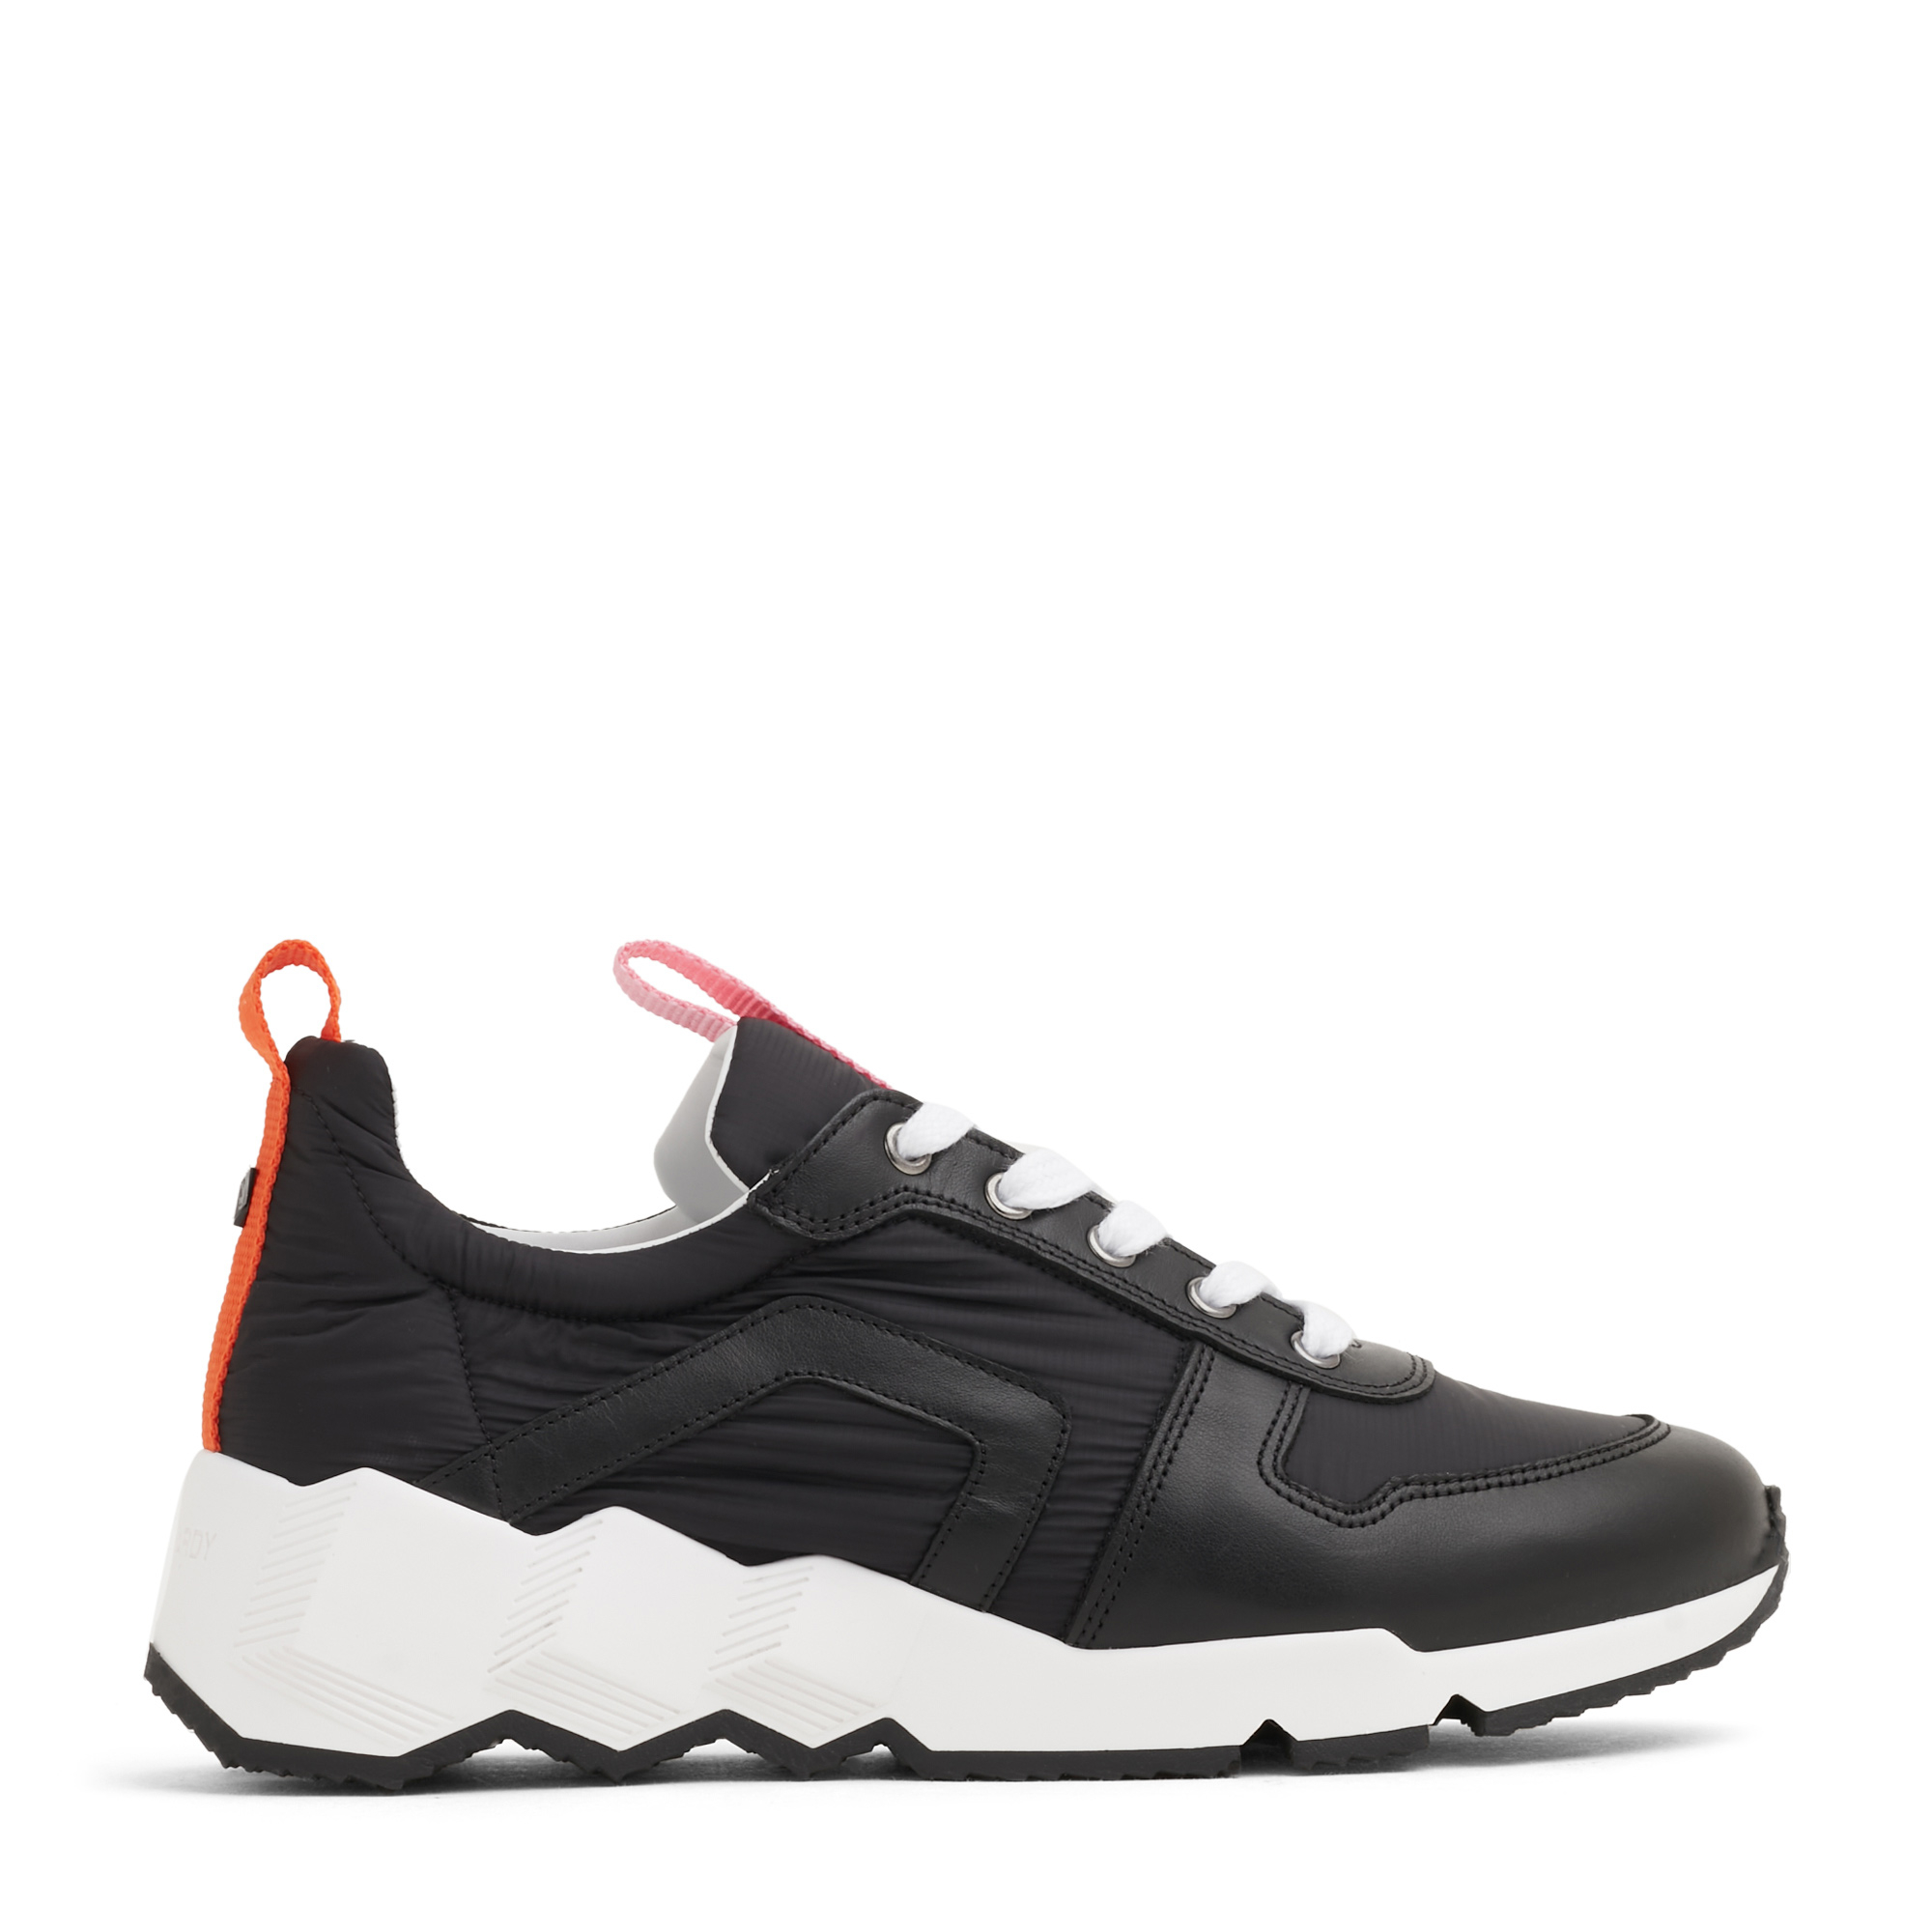 Trek Comet Light sneakers